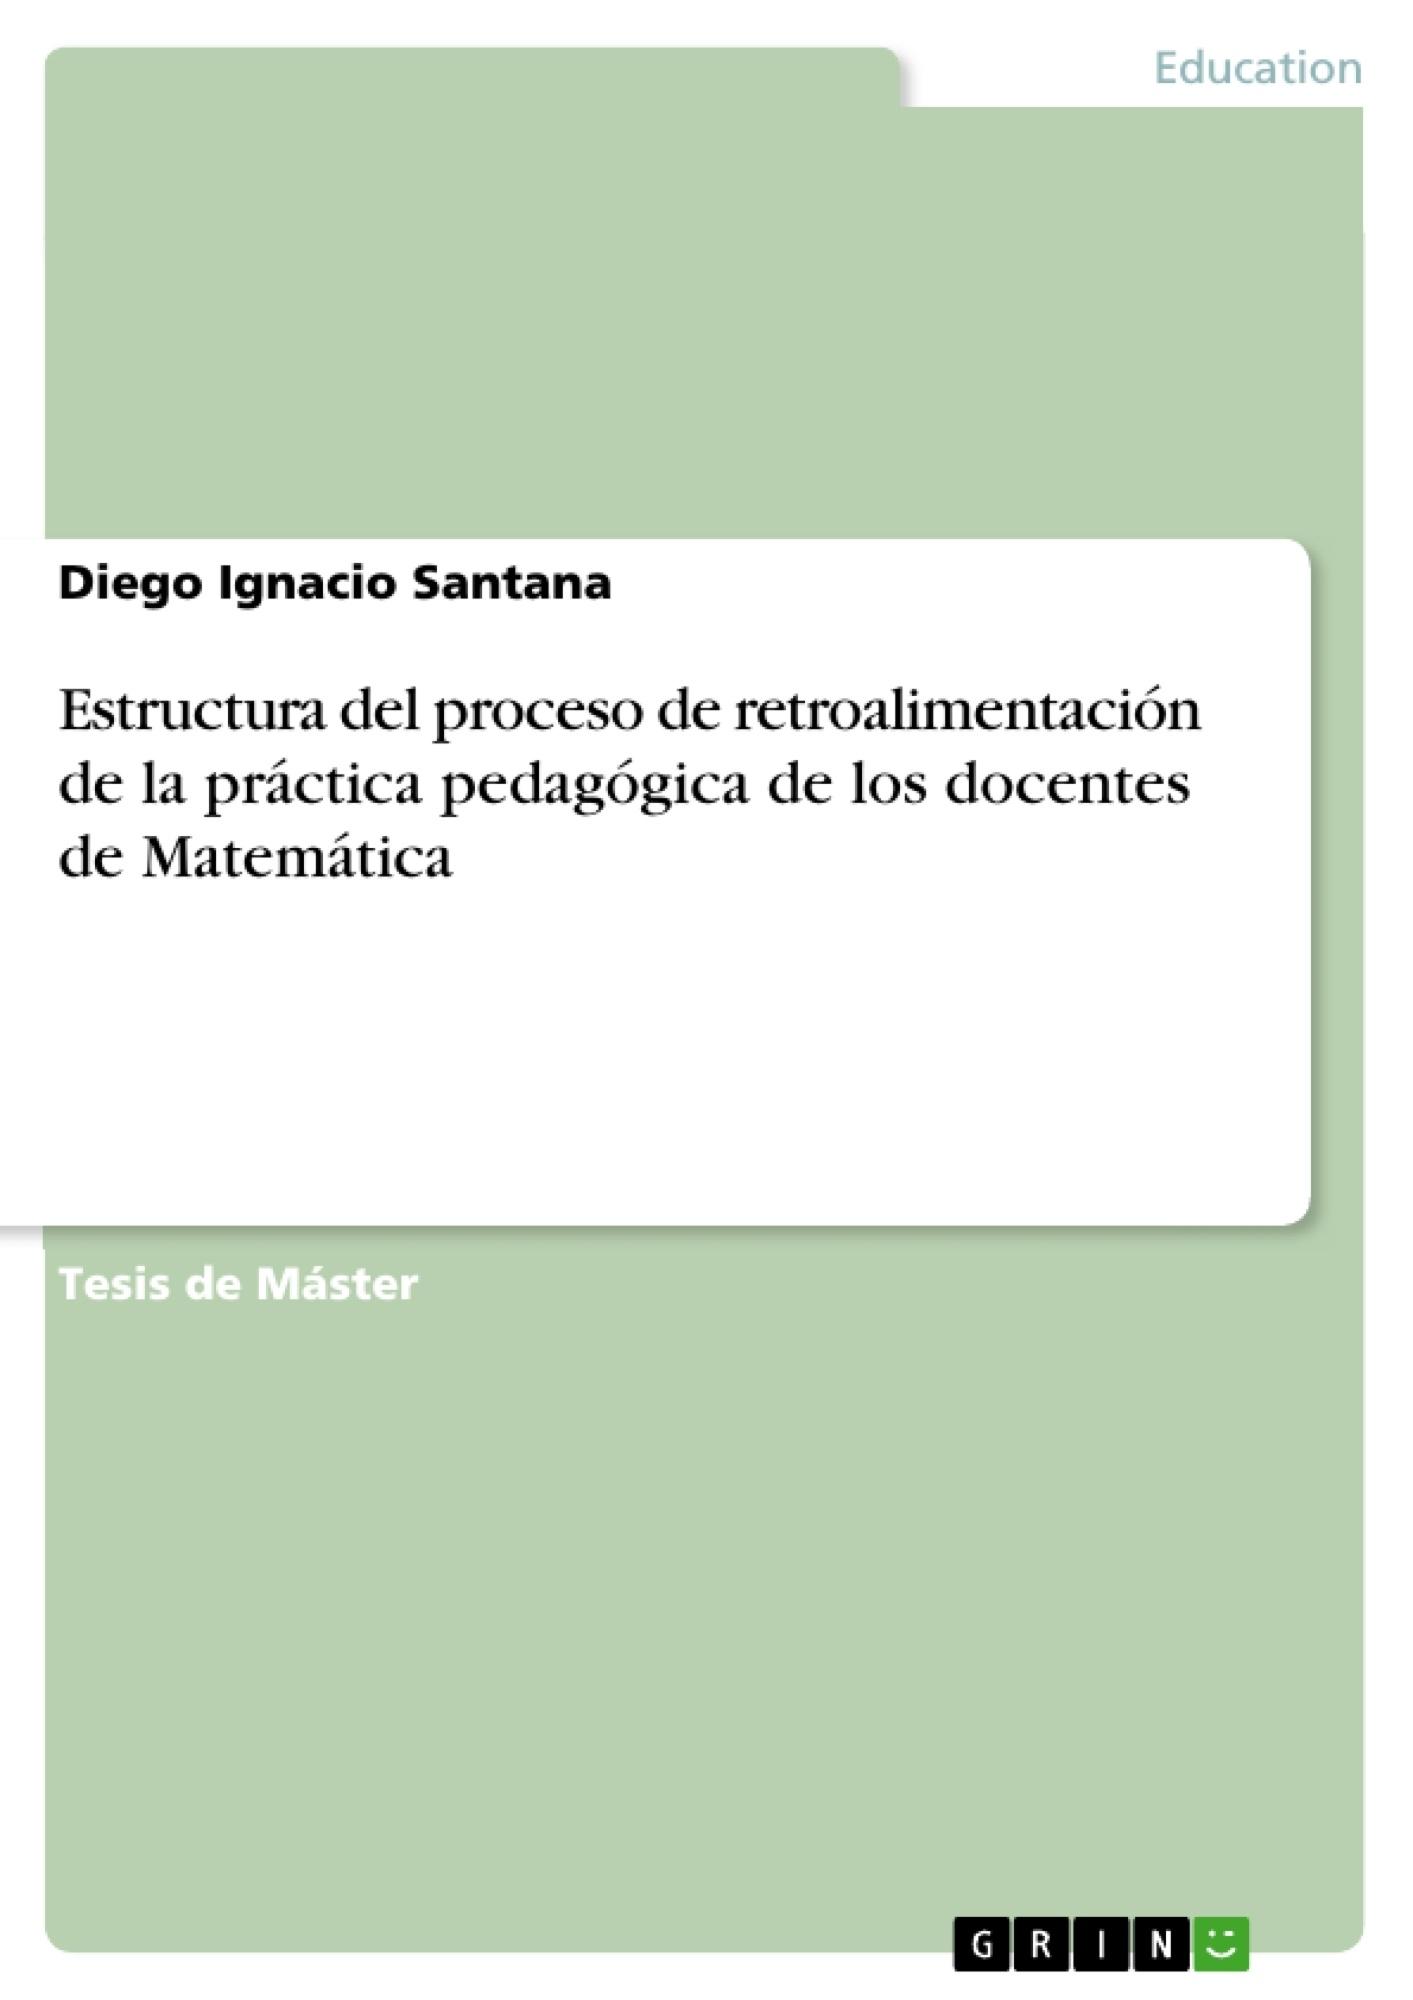 Título: Estructura del proceso de retroalimentación de la práctica pedagógica de los docentes de Matemática